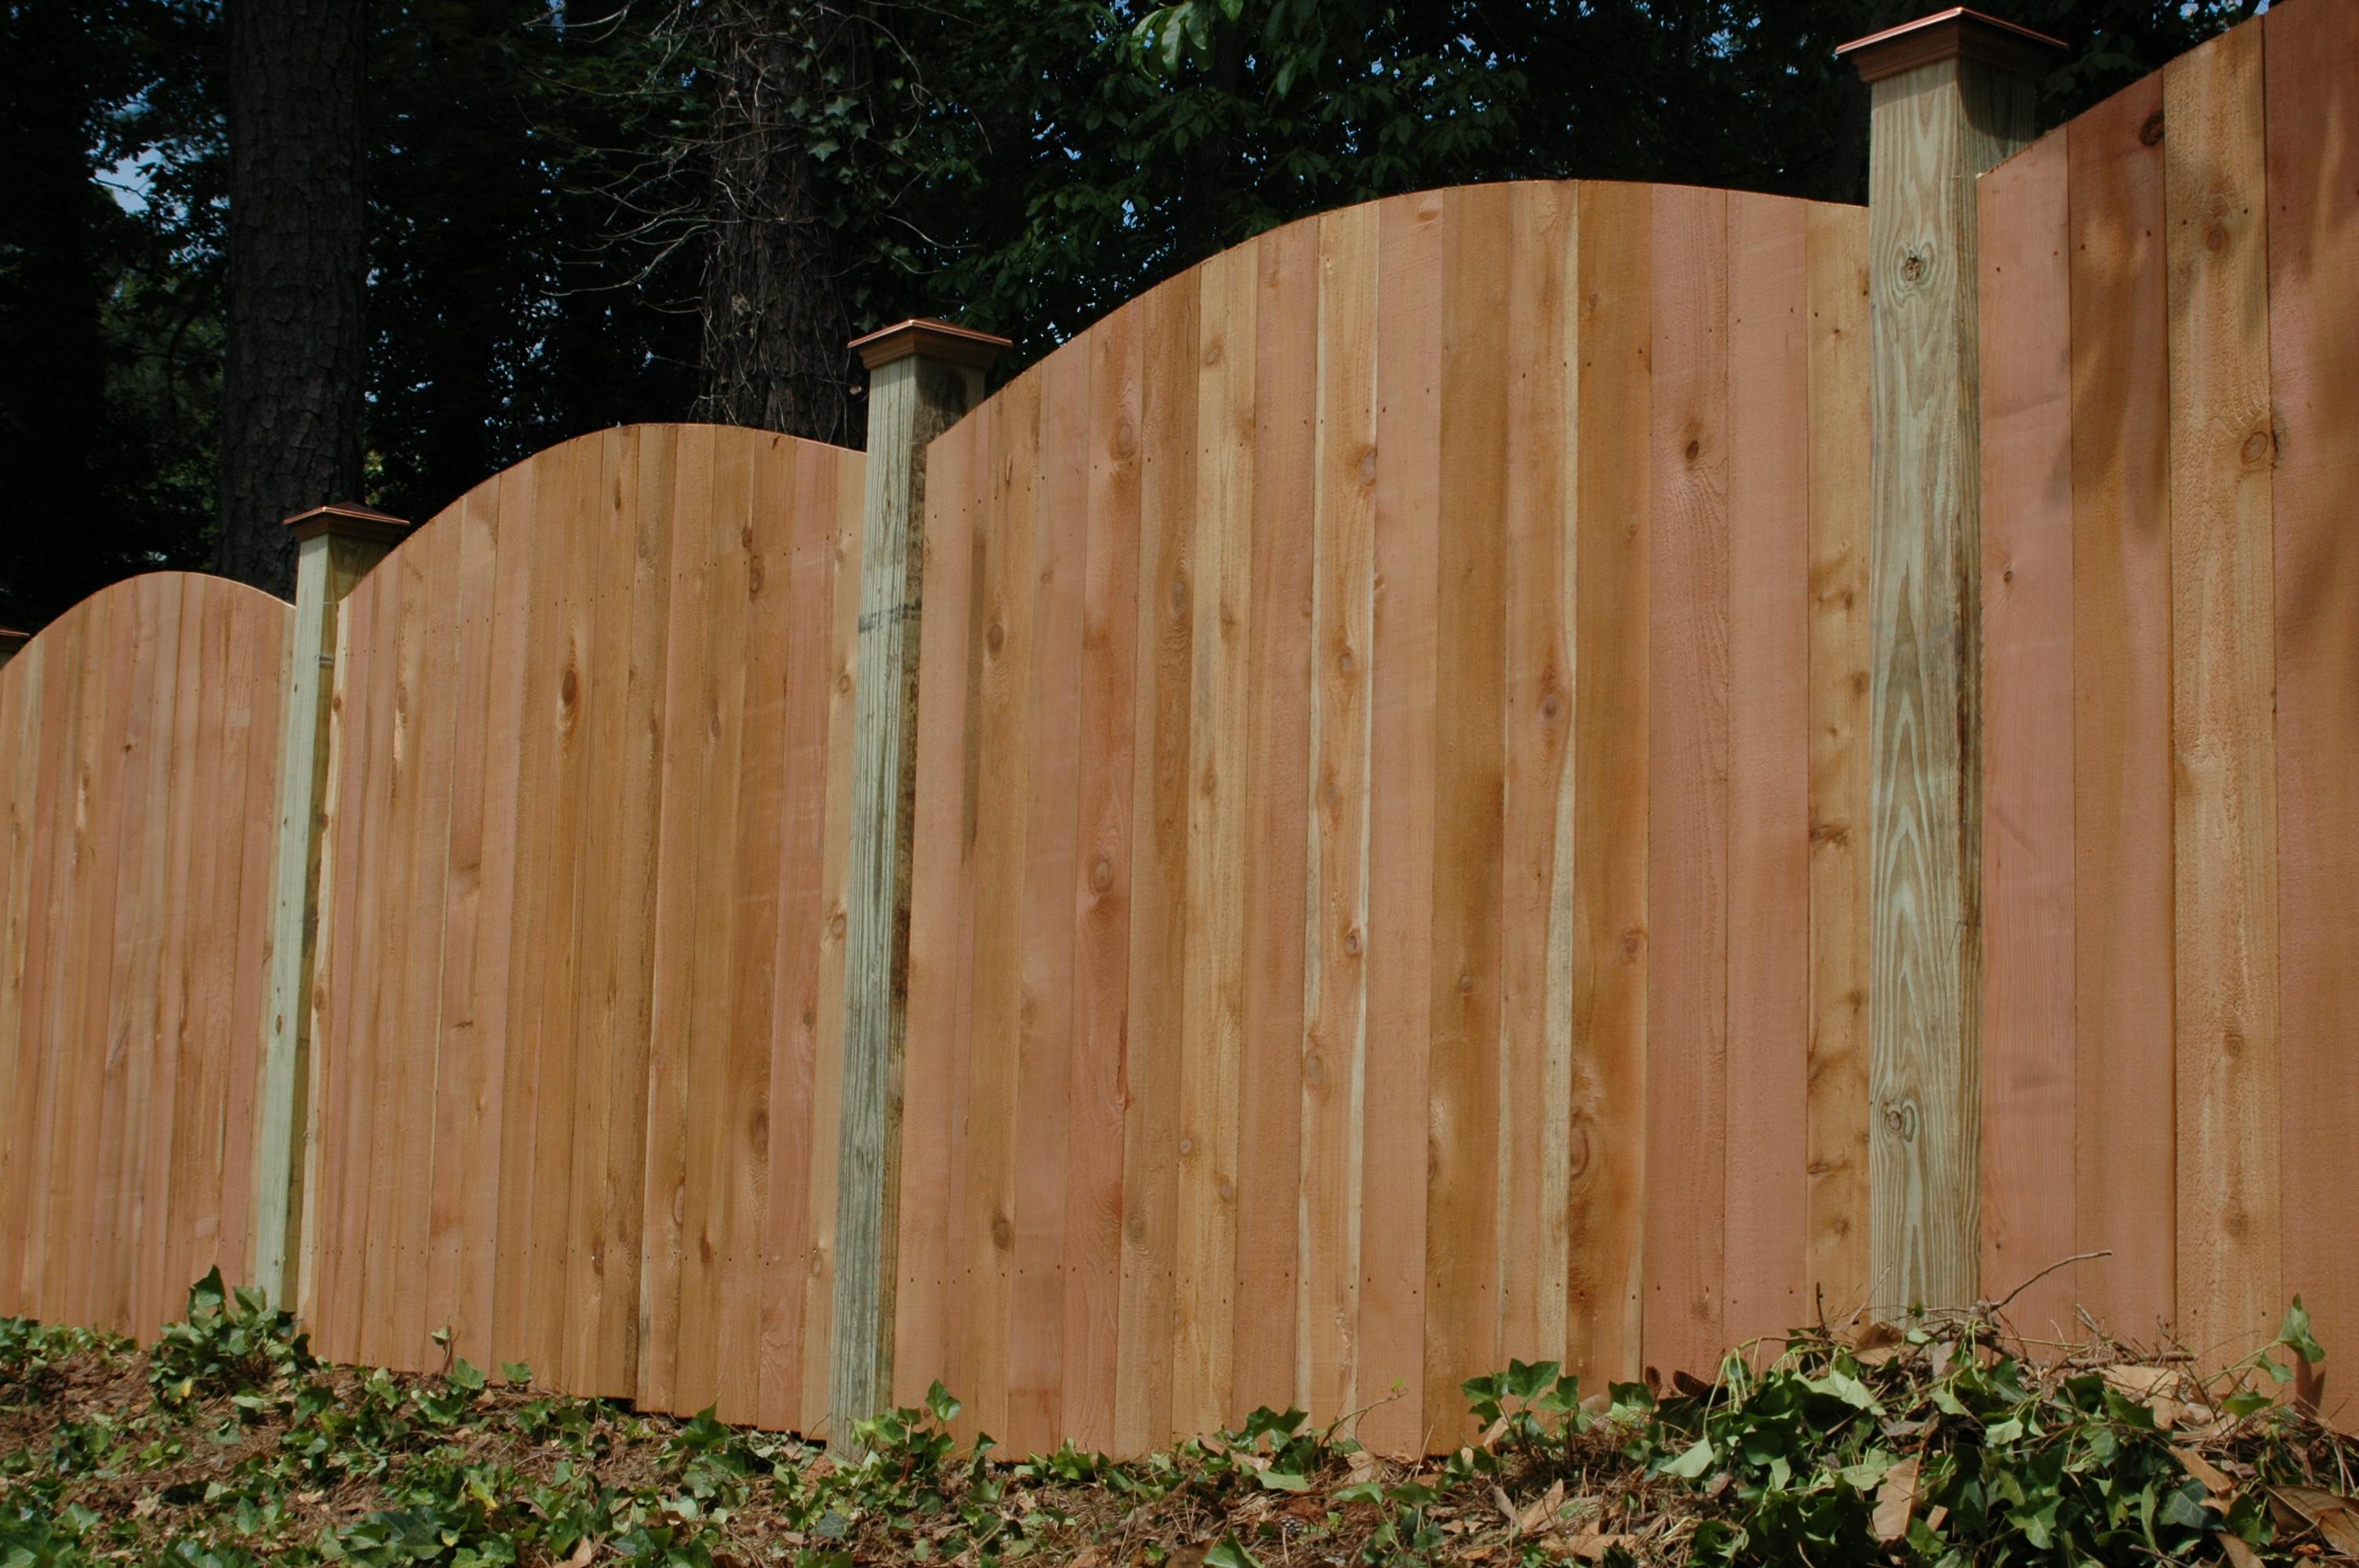 standard cedar fence designs allied fence. Black Bedroom Furniture Sets. Home Design Ideas